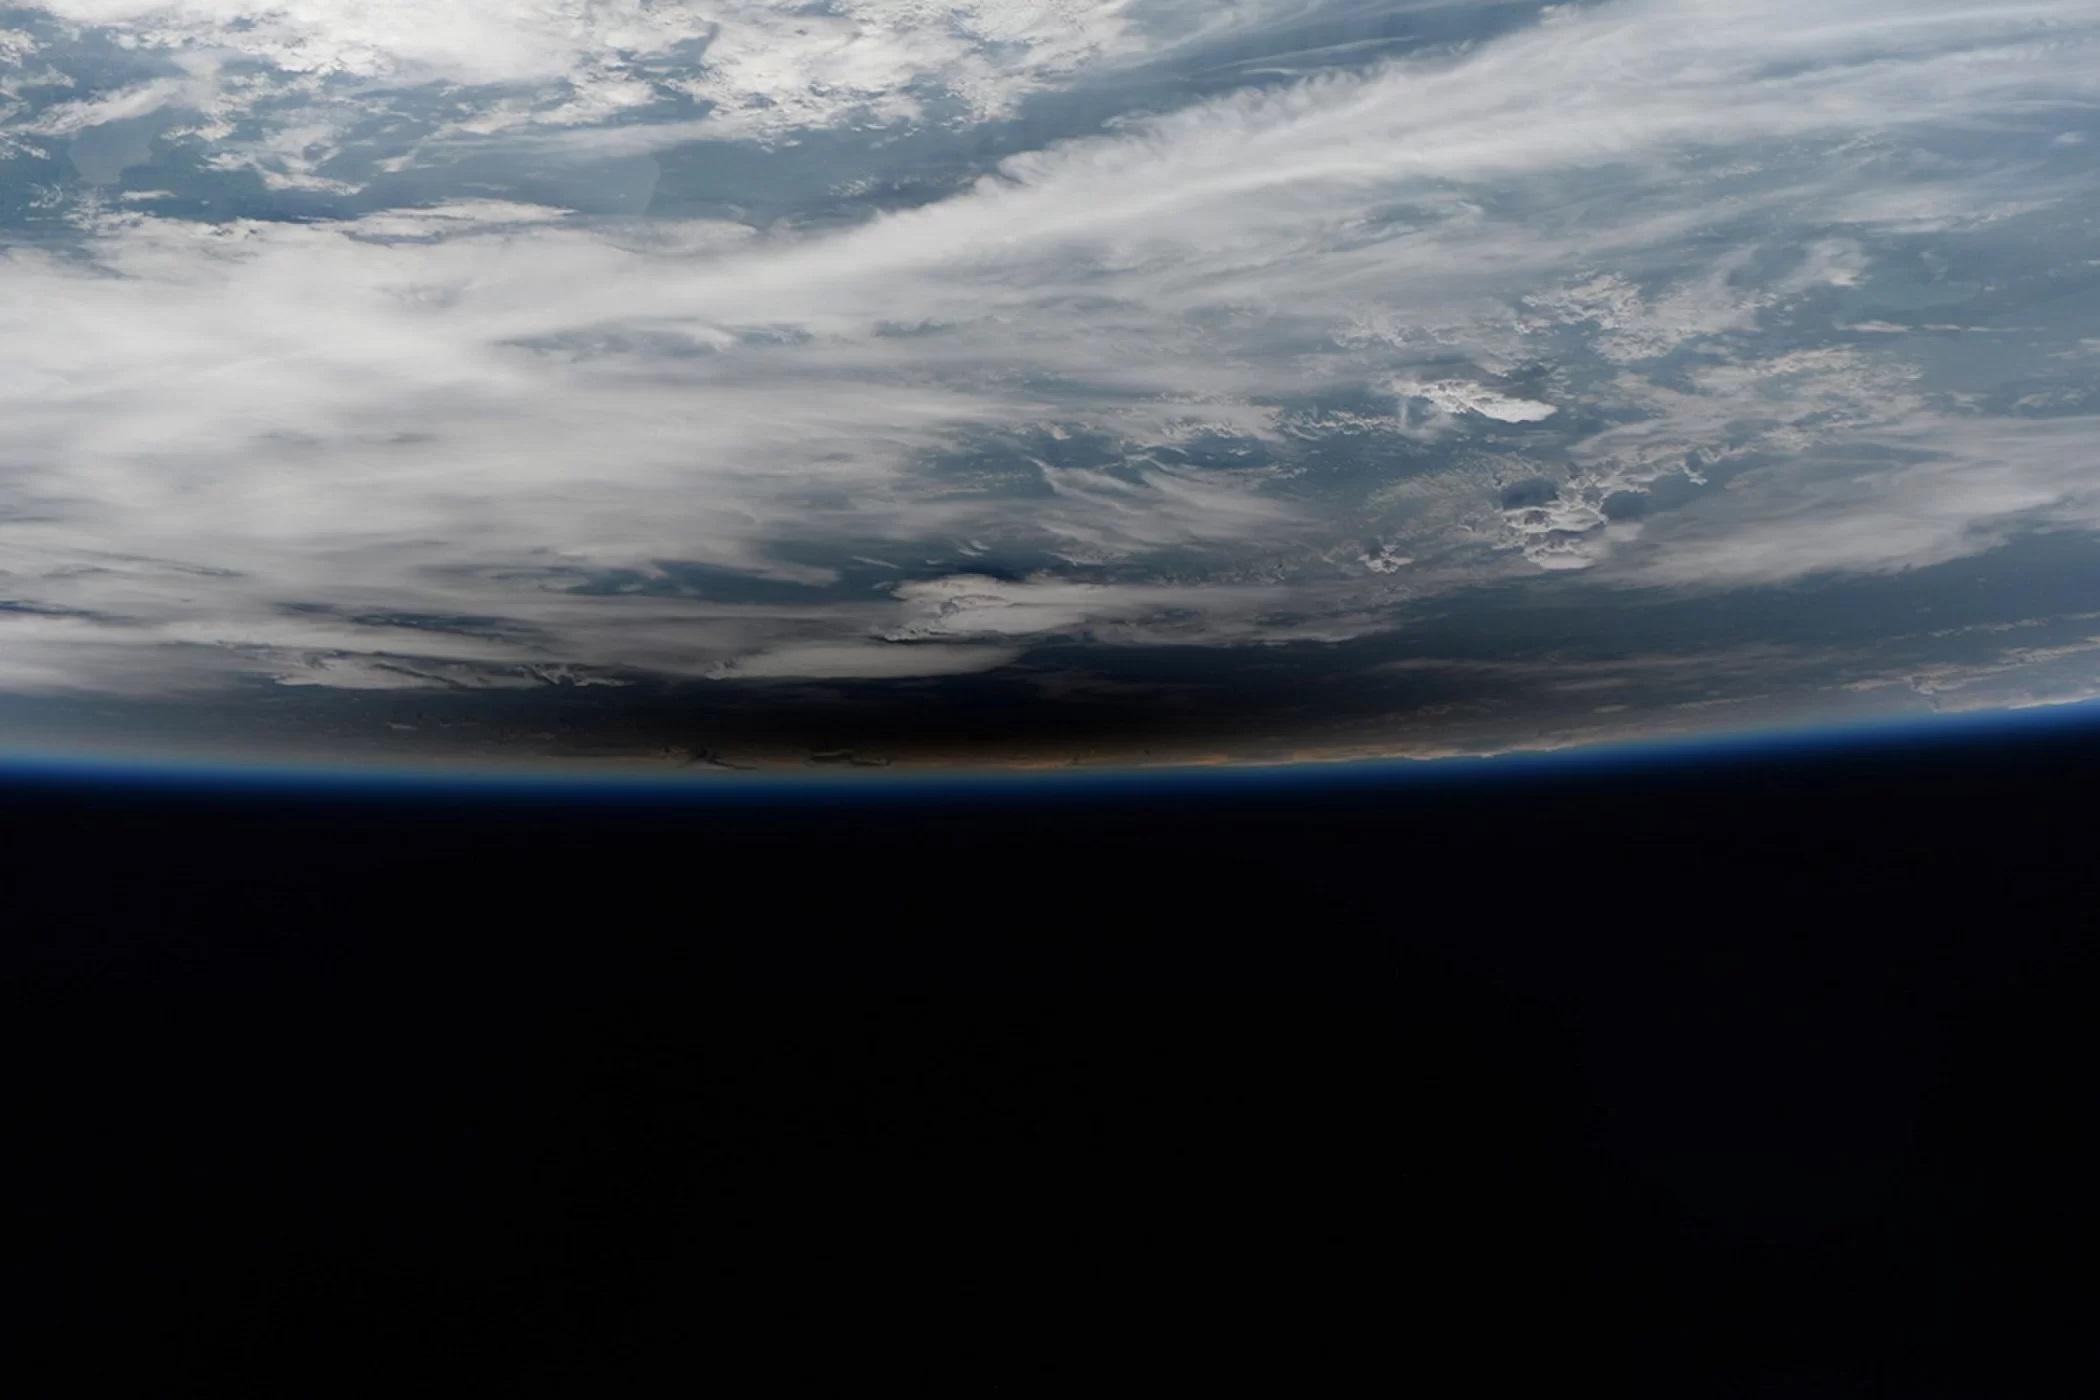 Zdjęcie wykonane przezPaoliego Nespoliego podczas pełnego zaćmienia Słońca.